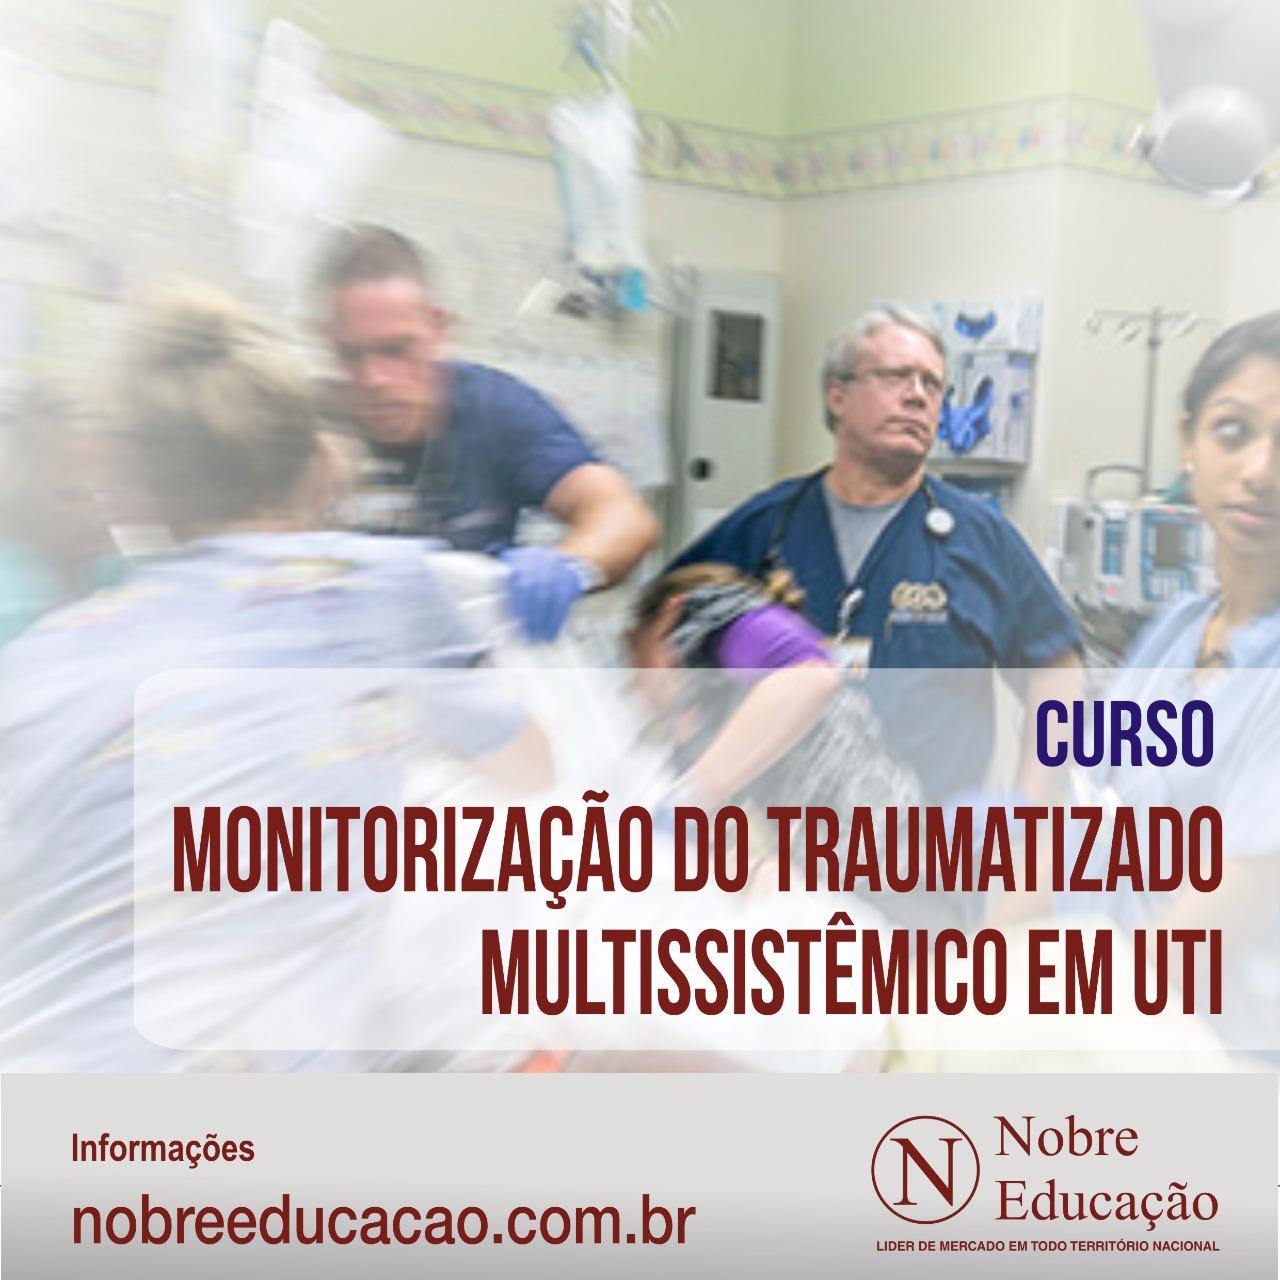 Monitorização do Traumatizado Multissistêmico em UTI